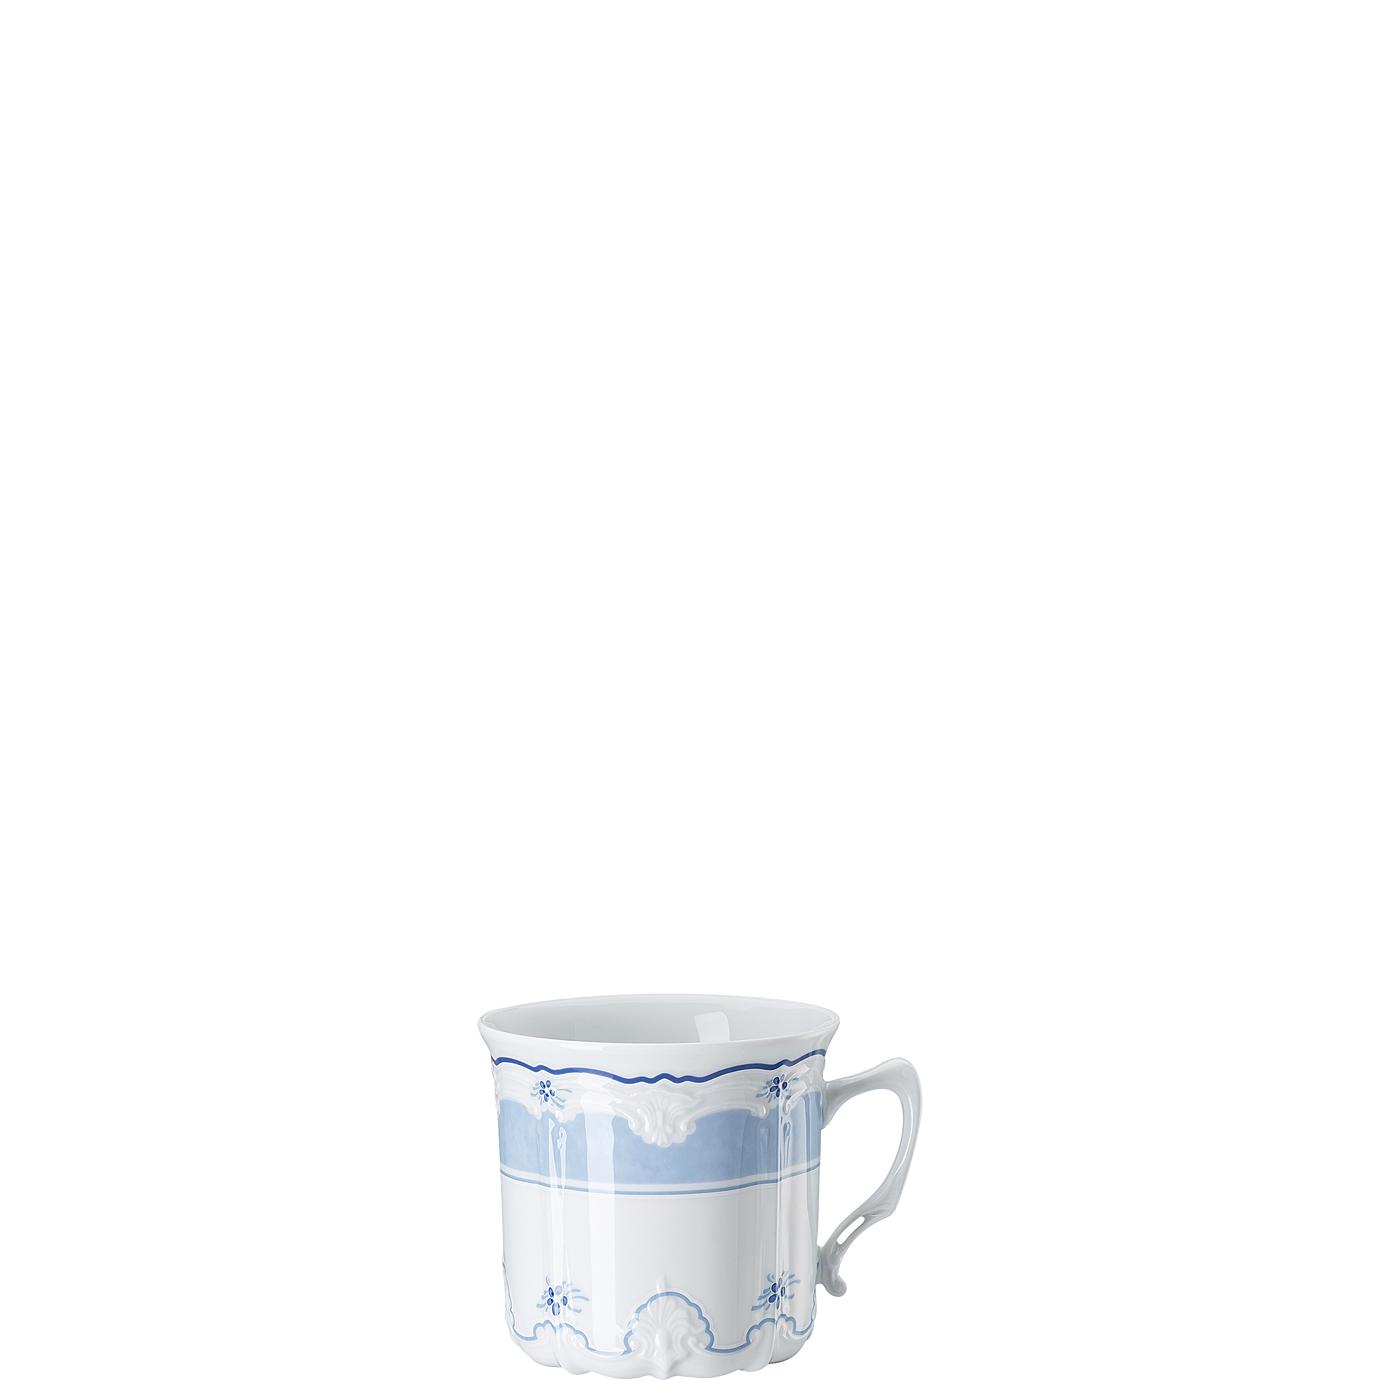 Kaffee-Obertasse groß Baronesse Estelle Blue Hutschenreuther